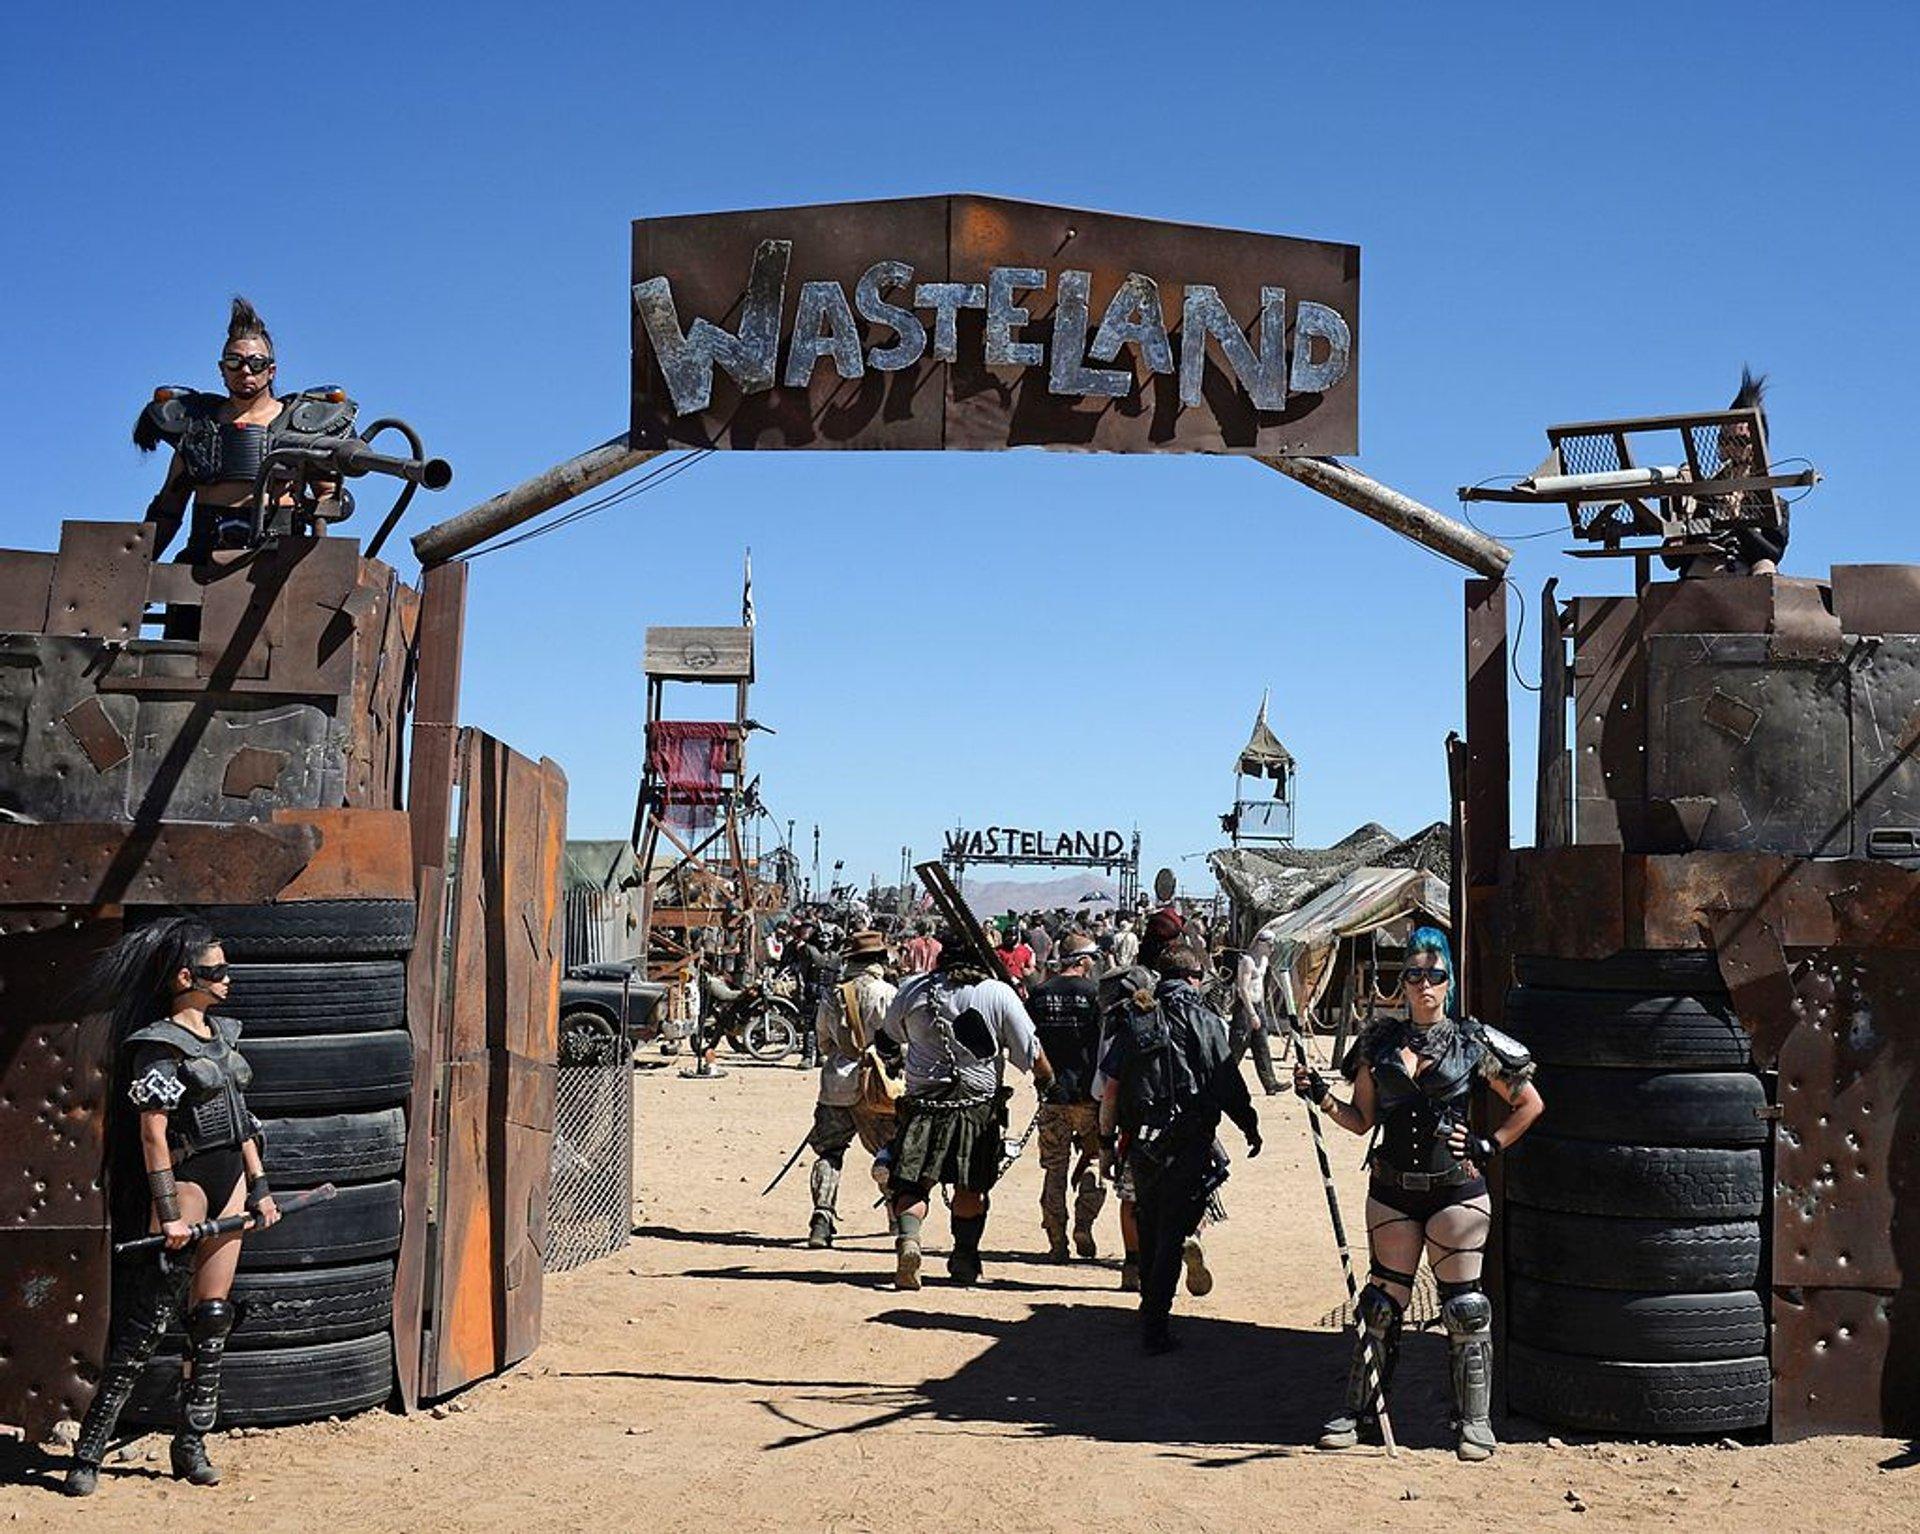 Wasteland Weekend in California 2019 - Best Time